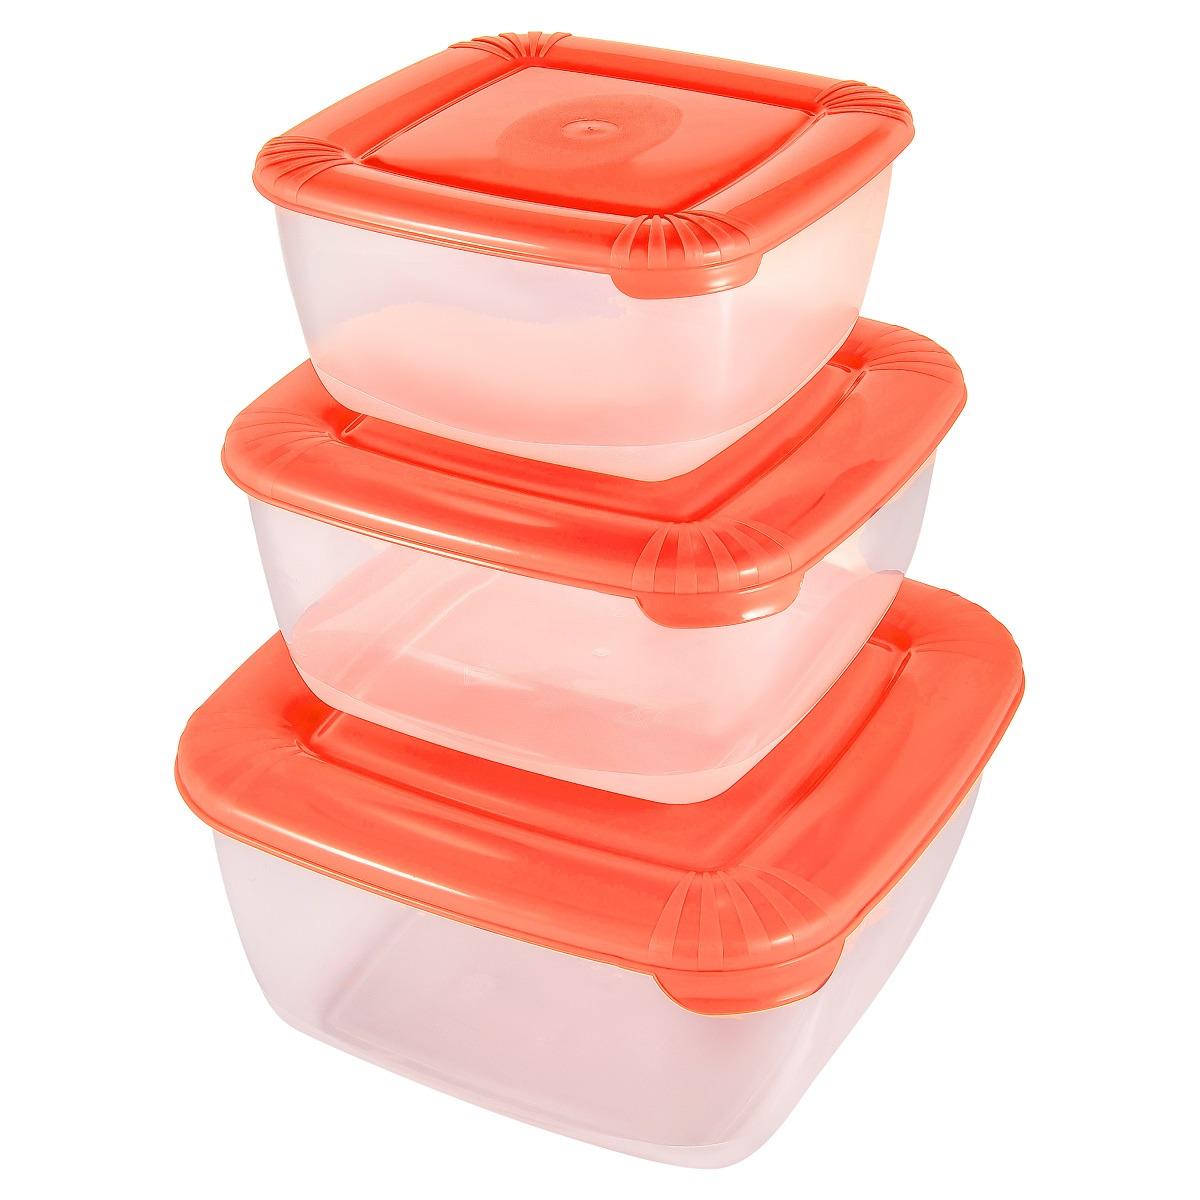 Набор емкостей для продуктов Plast Team Polar, PT1680-6, коралловый, 3 шт